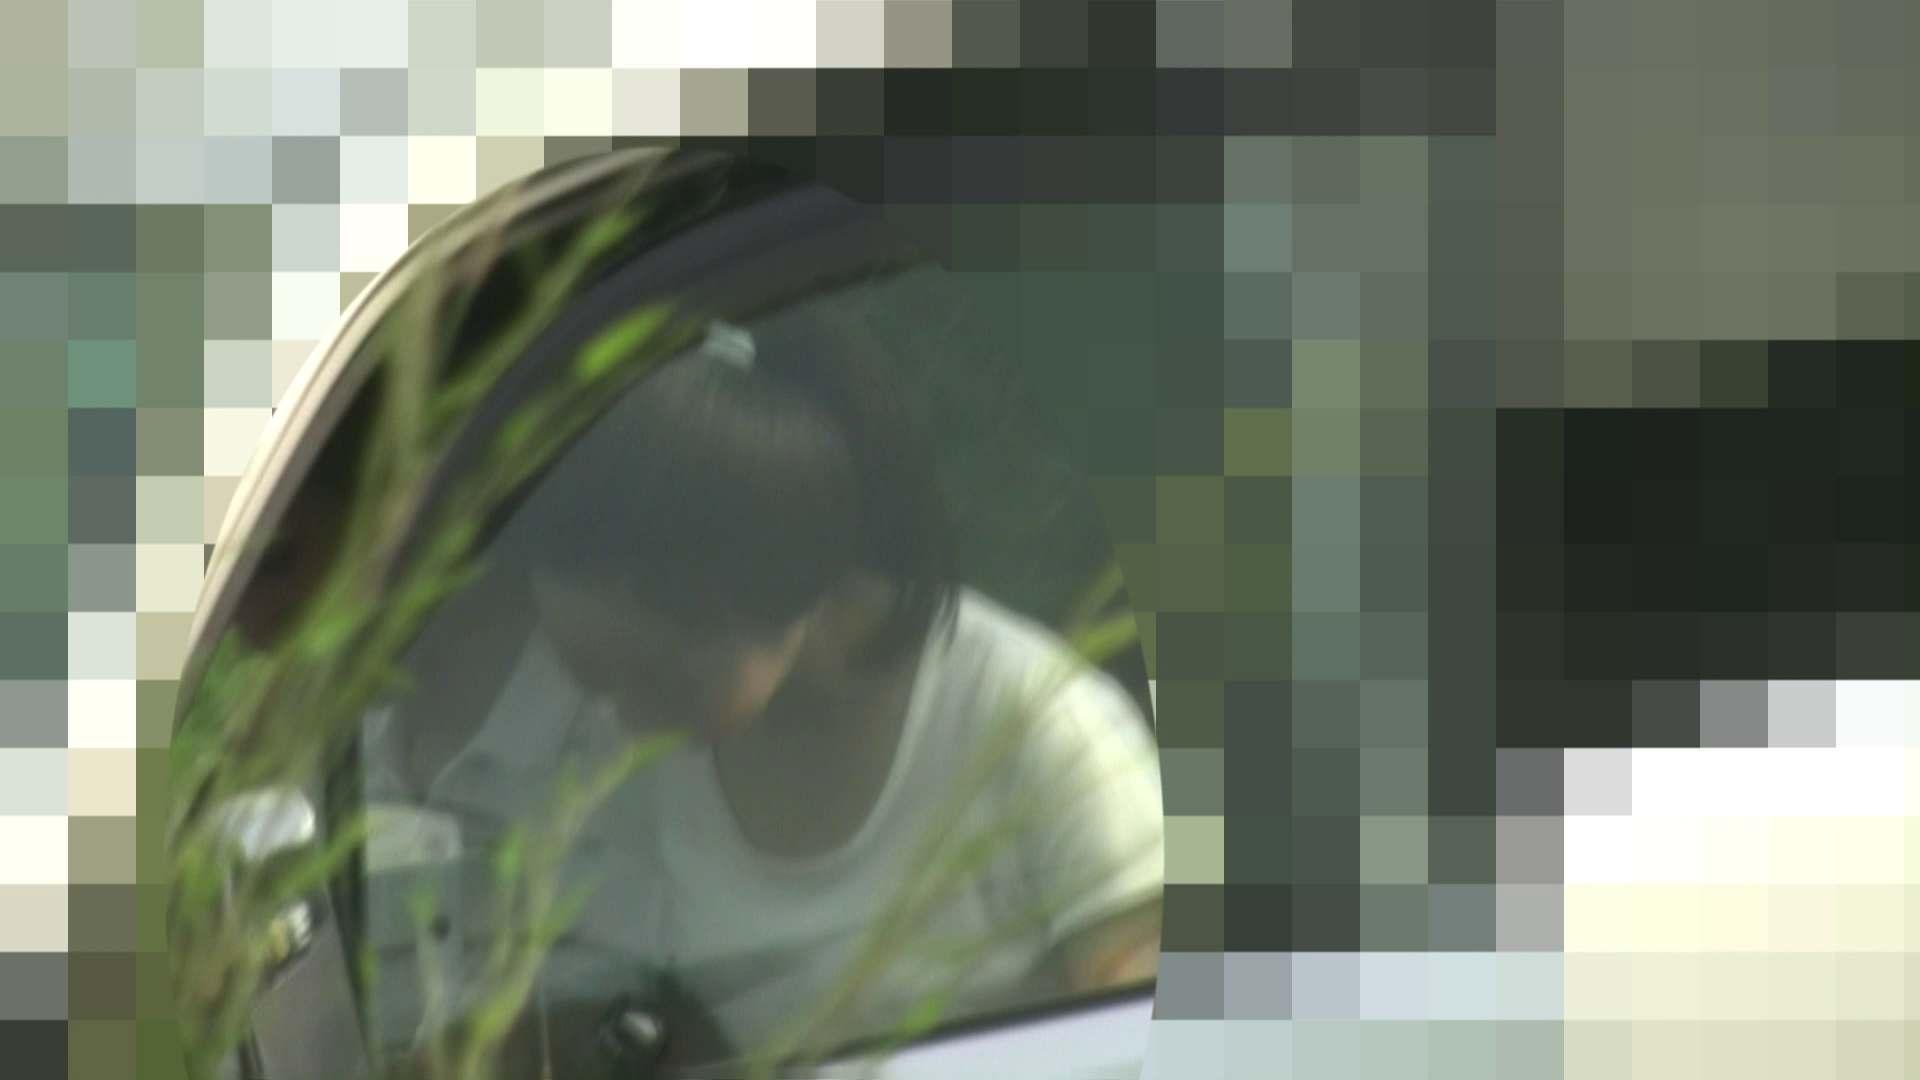 高画質露天女風呂観察 vol.027 露天風呂編 セックス無修正動画無料 75PIX 8